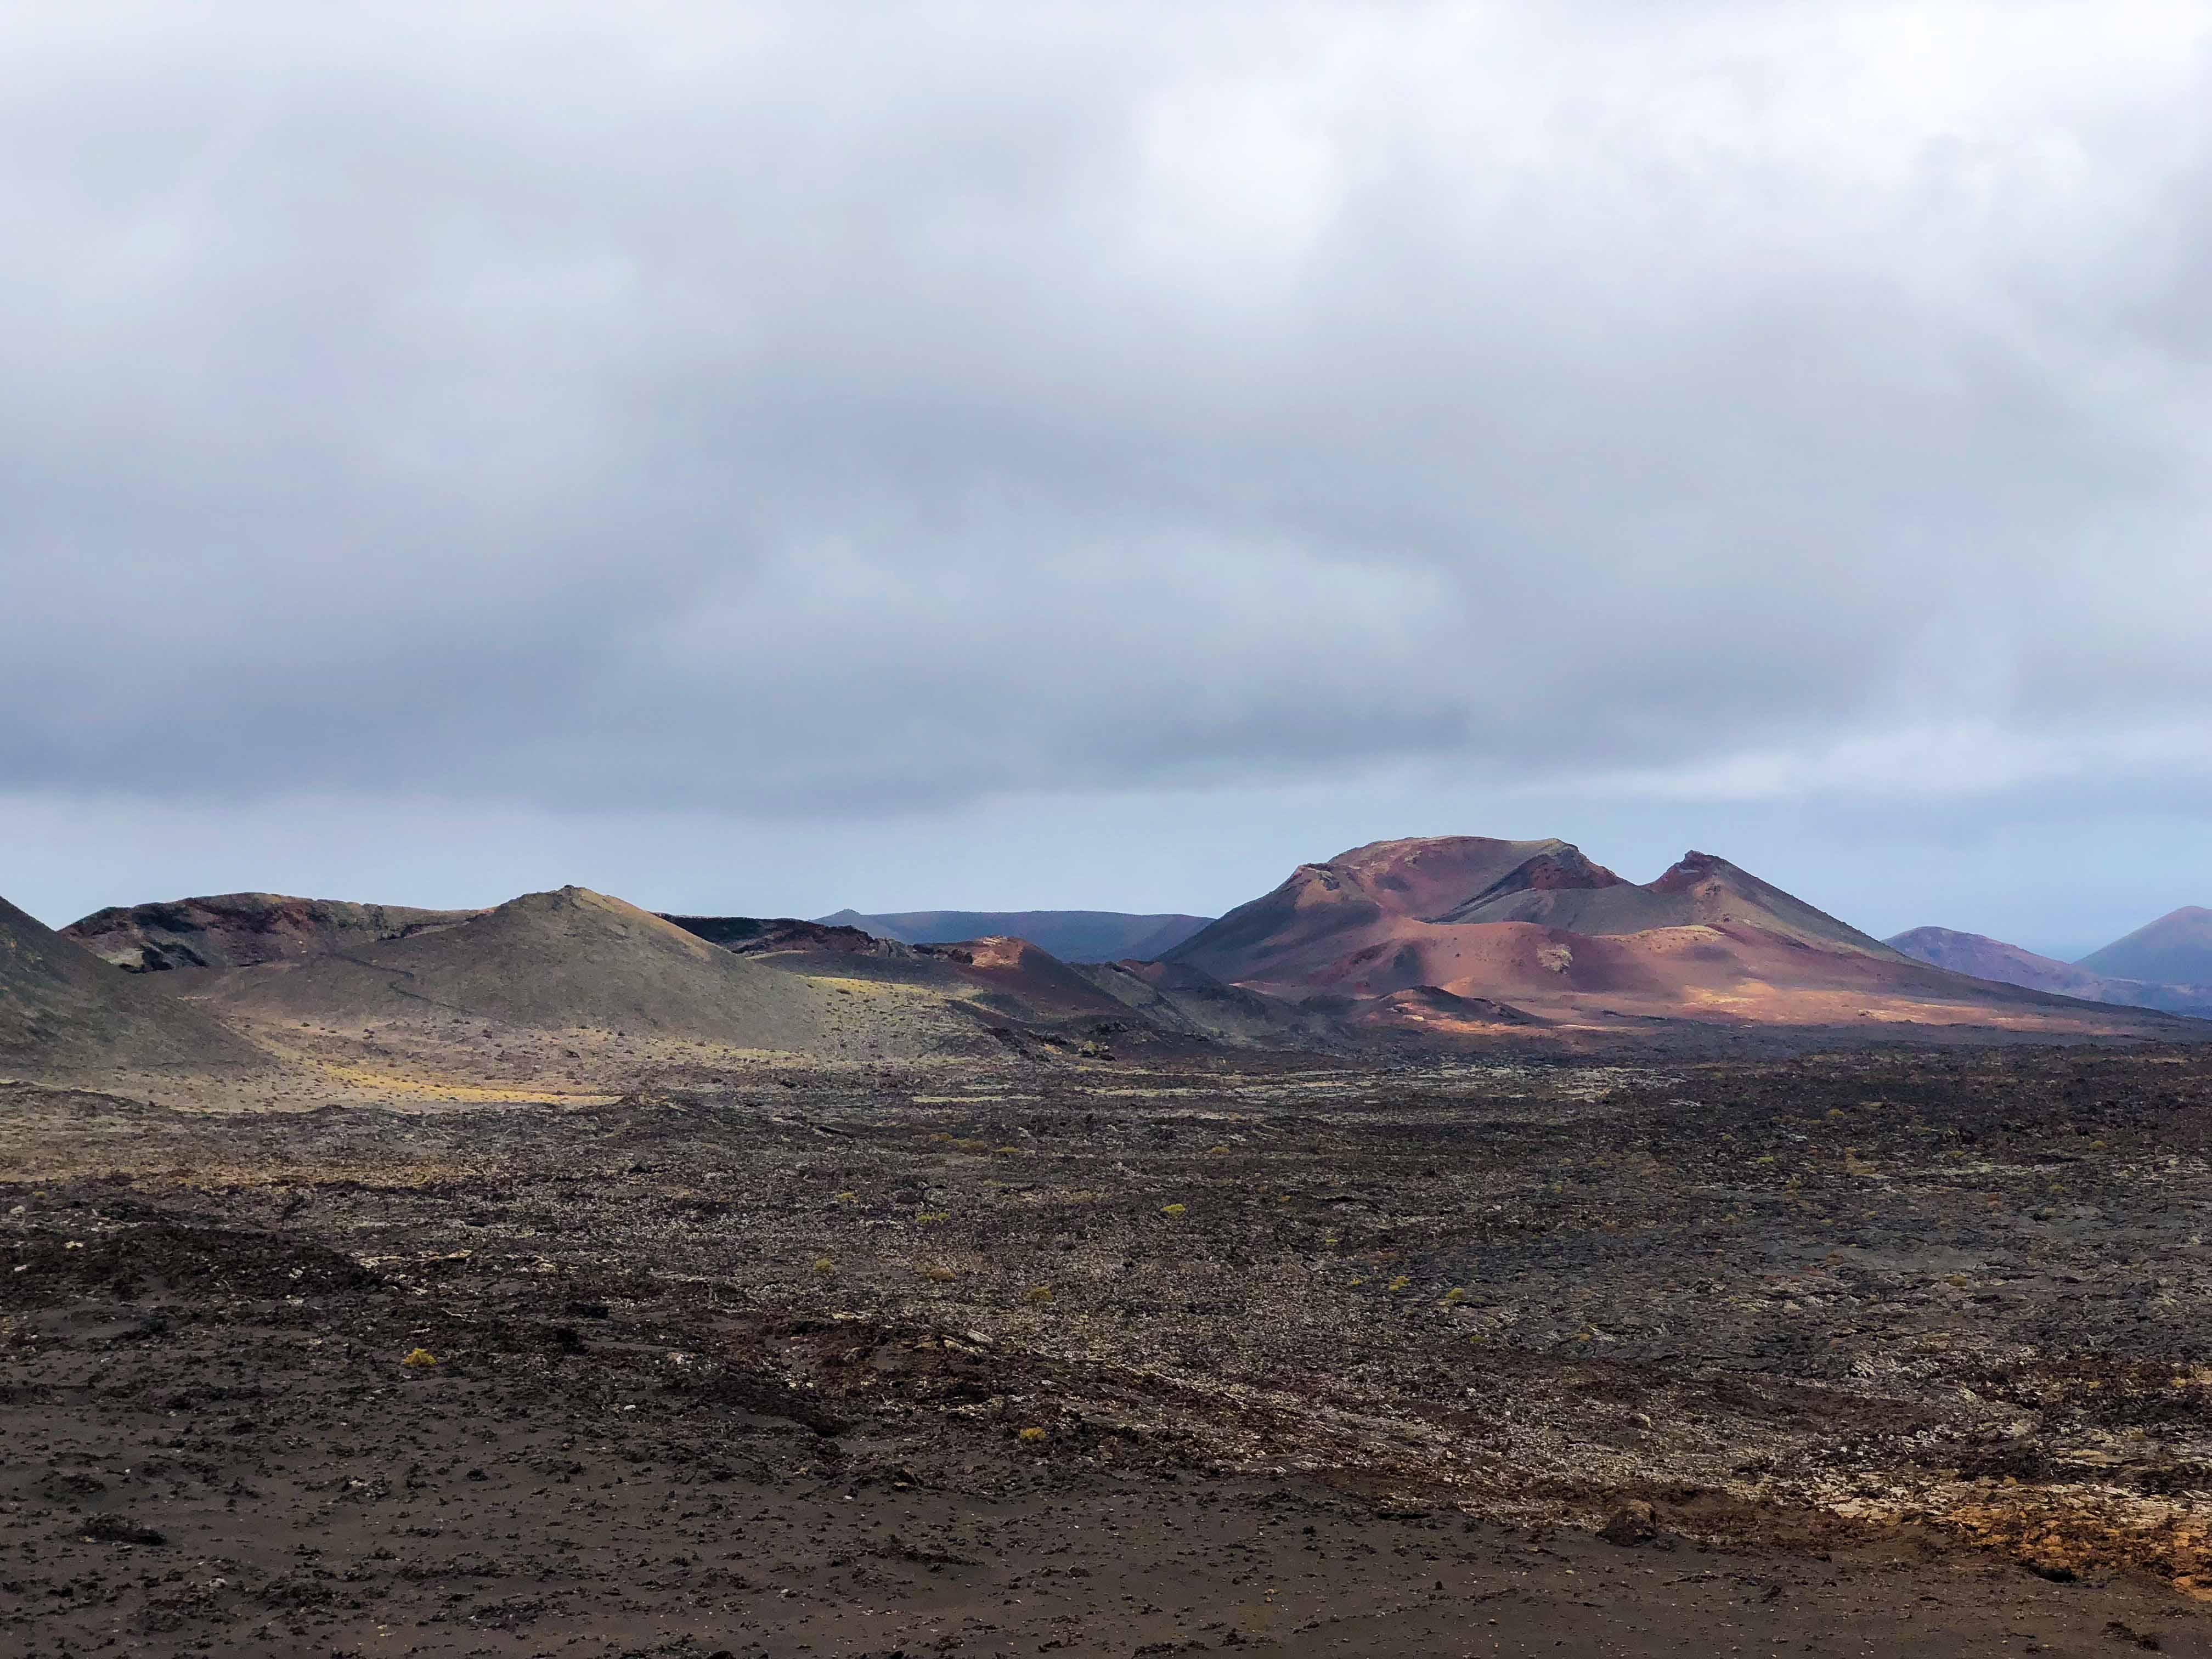 Timanfaya National Park Vulkanlandschaft die Feuerberge Lava Top 10 Tipps Lanzarote Sehenswürdigkeiten Insider Tipps Lanzarote Spanien Reiseblog